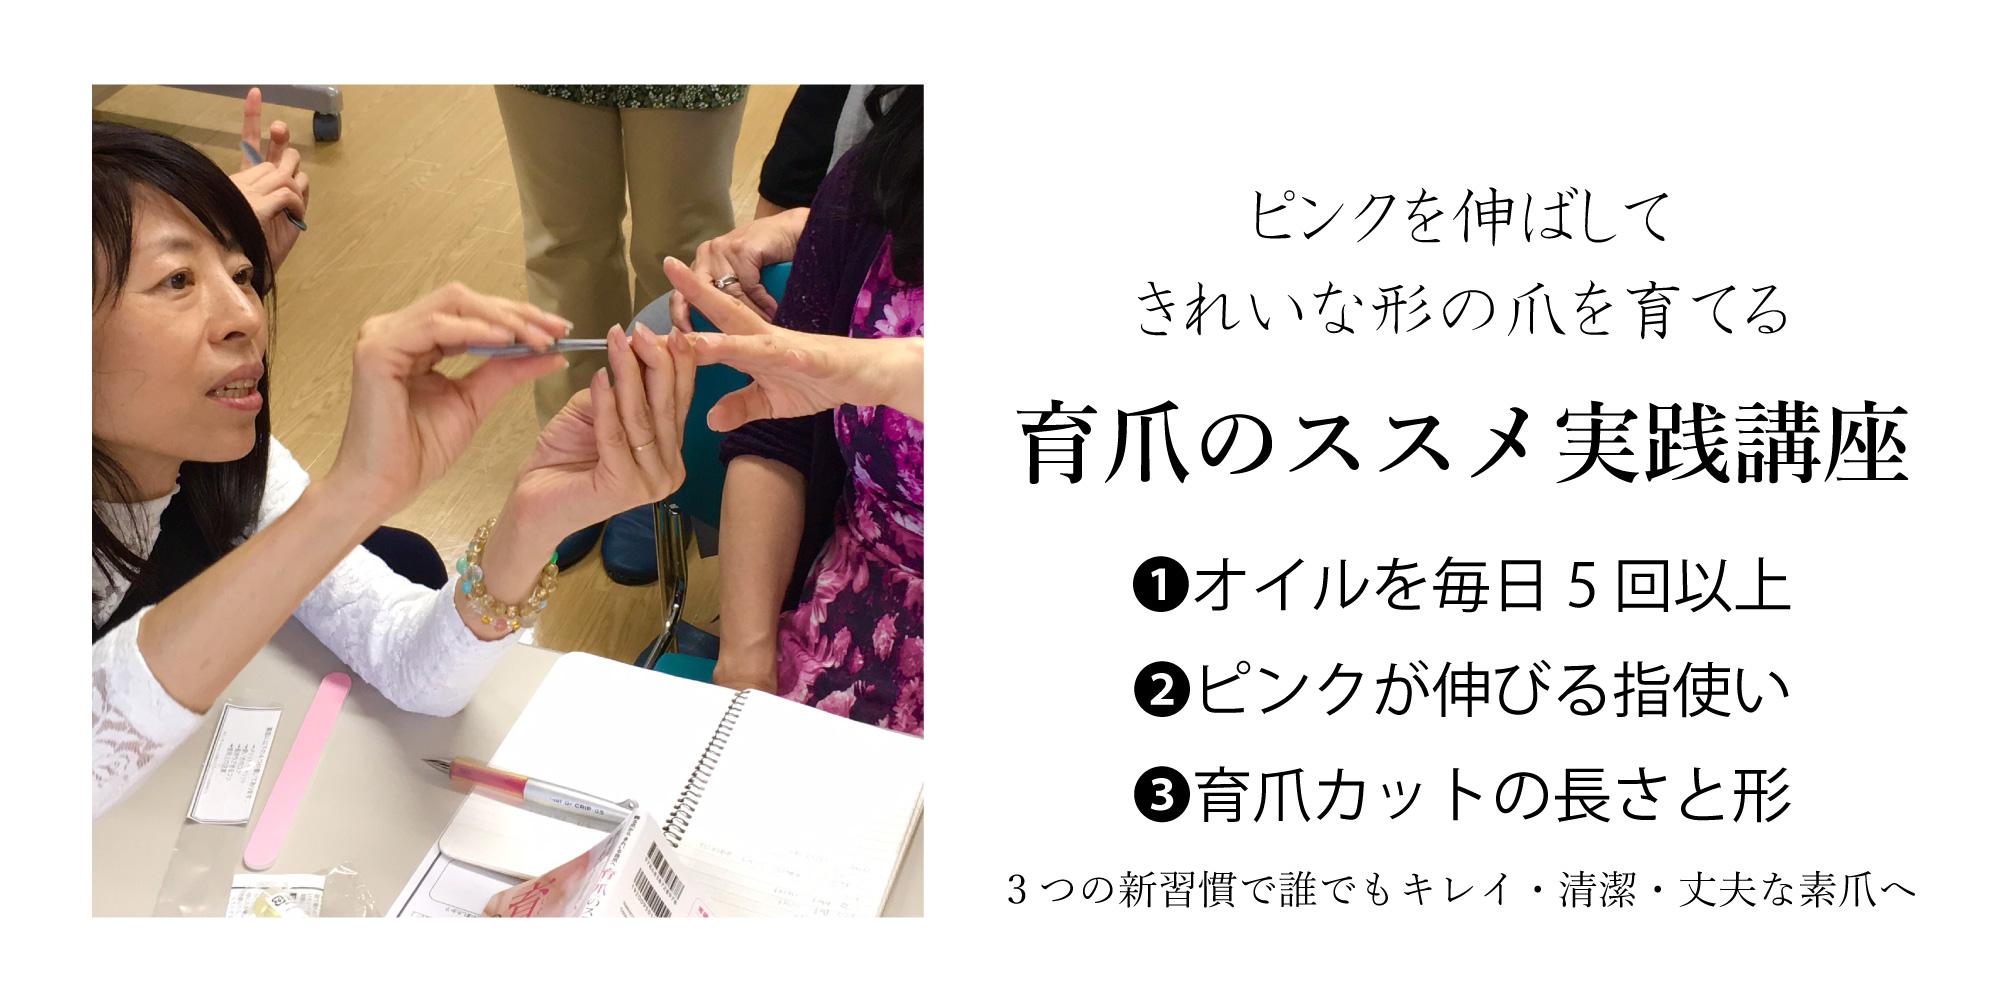 ピンクを伸ばしてきれいな形の爪を育てる育爪のススメ実践講座